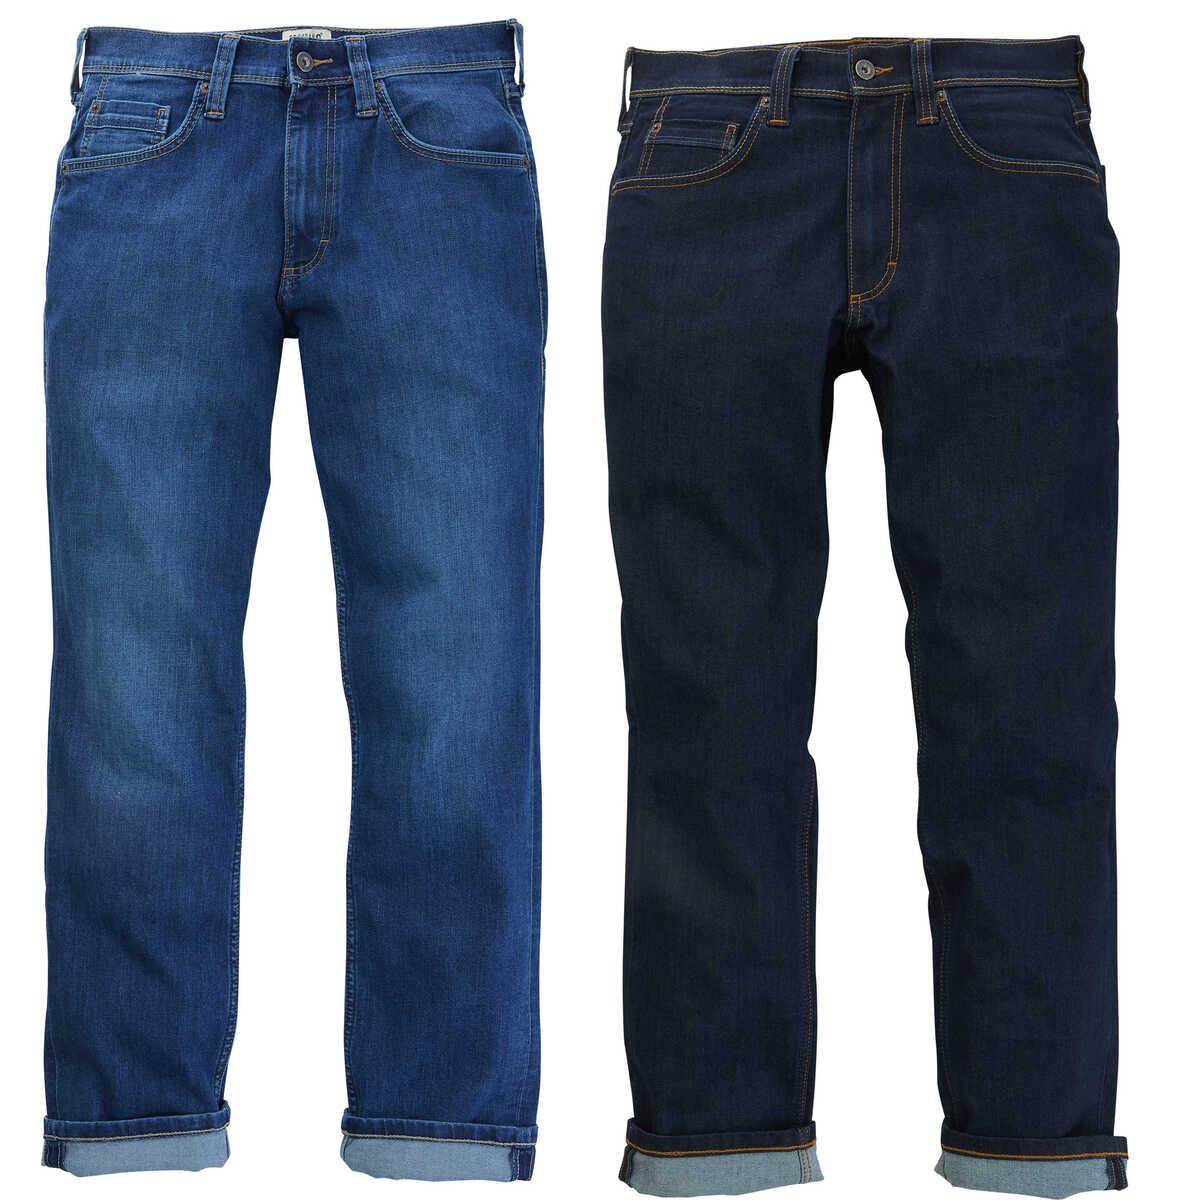 Bild 1 von MUSTANG  Damen- oder Herren-Jeans